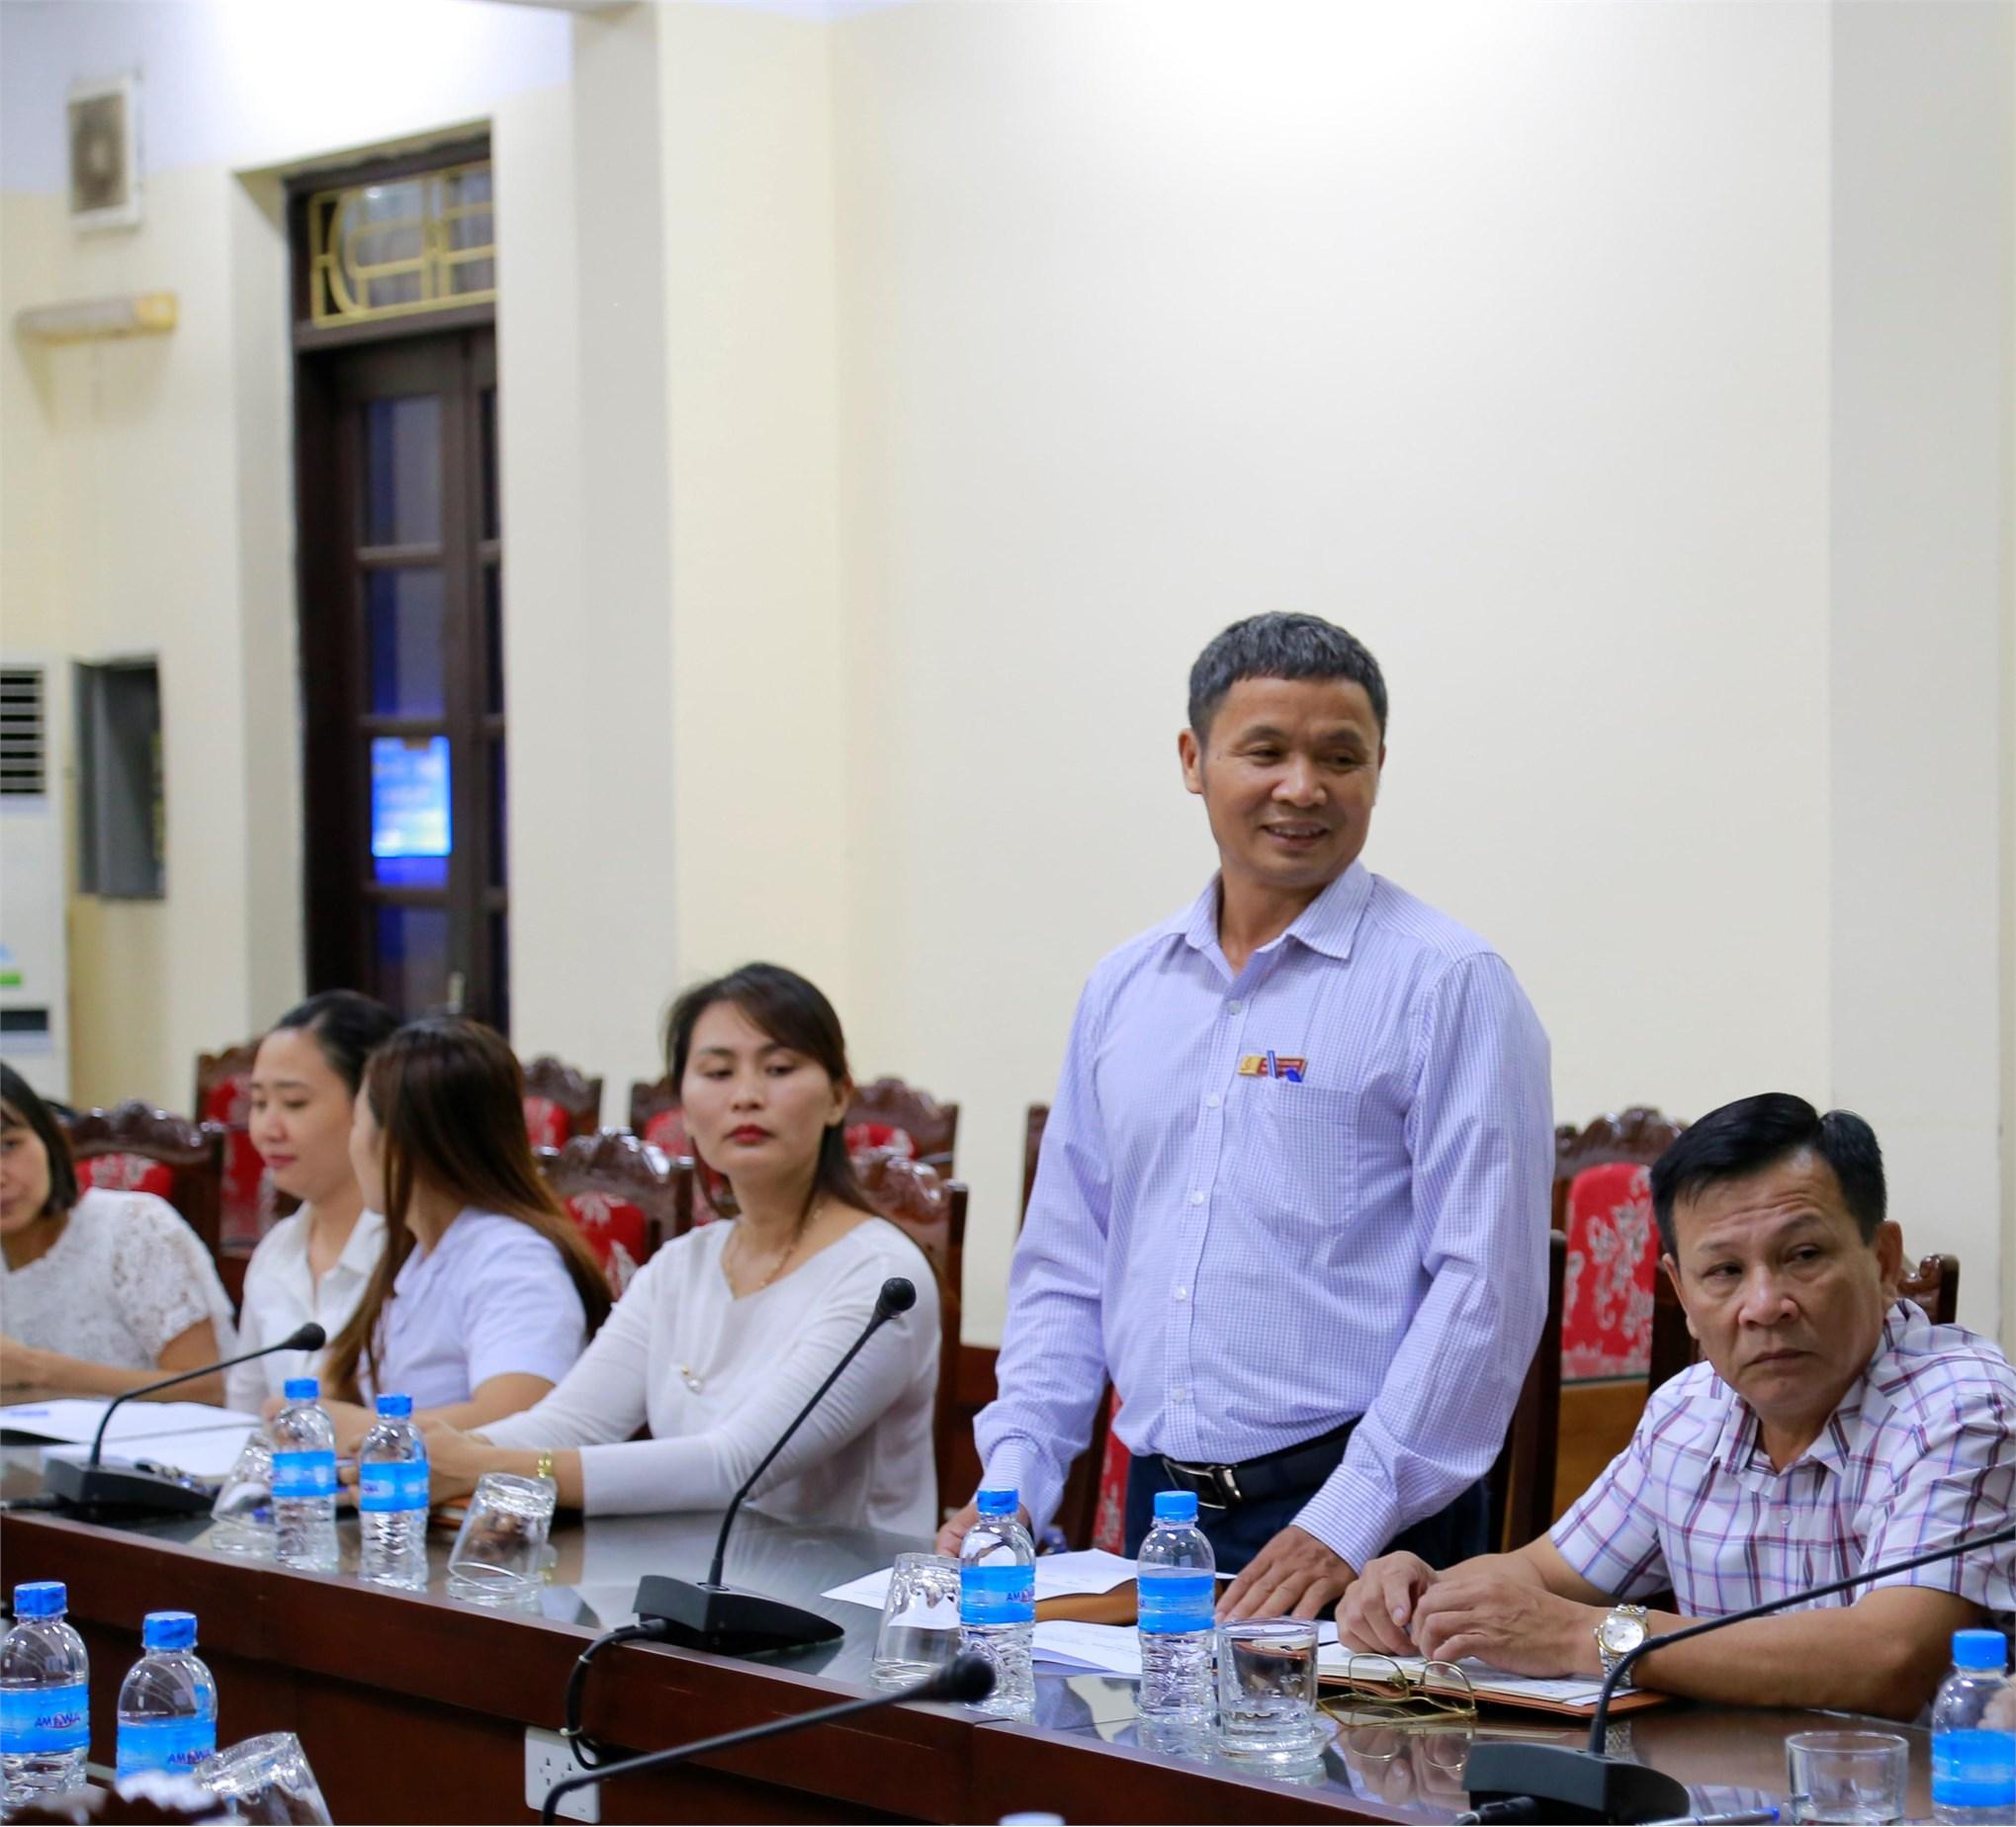 Bác sĩ Nguyễn Văn Lưới – Trạm trưởng Trạm Y tế phát biểu tại buổi Tập huấn